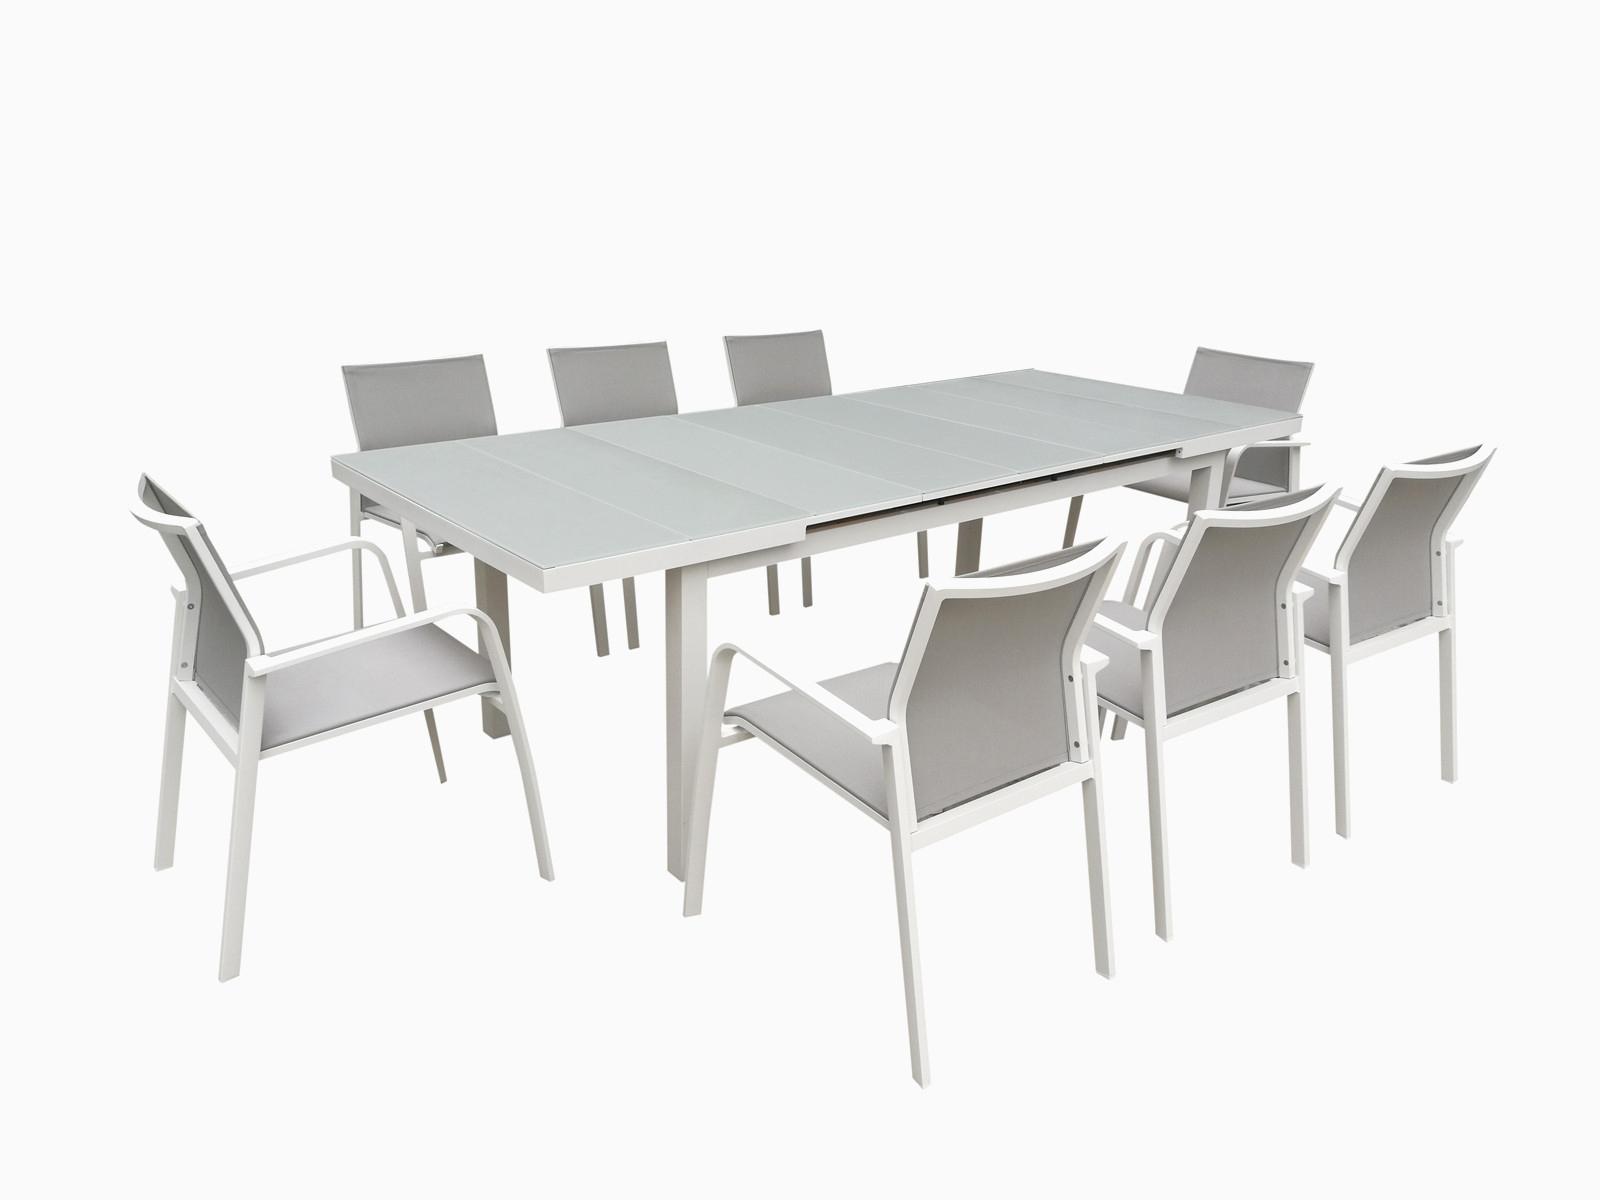 Table De Jardin Avec Chaise Pas Cher - Canalcncarauca pour Tables De Jardin Pas Cher